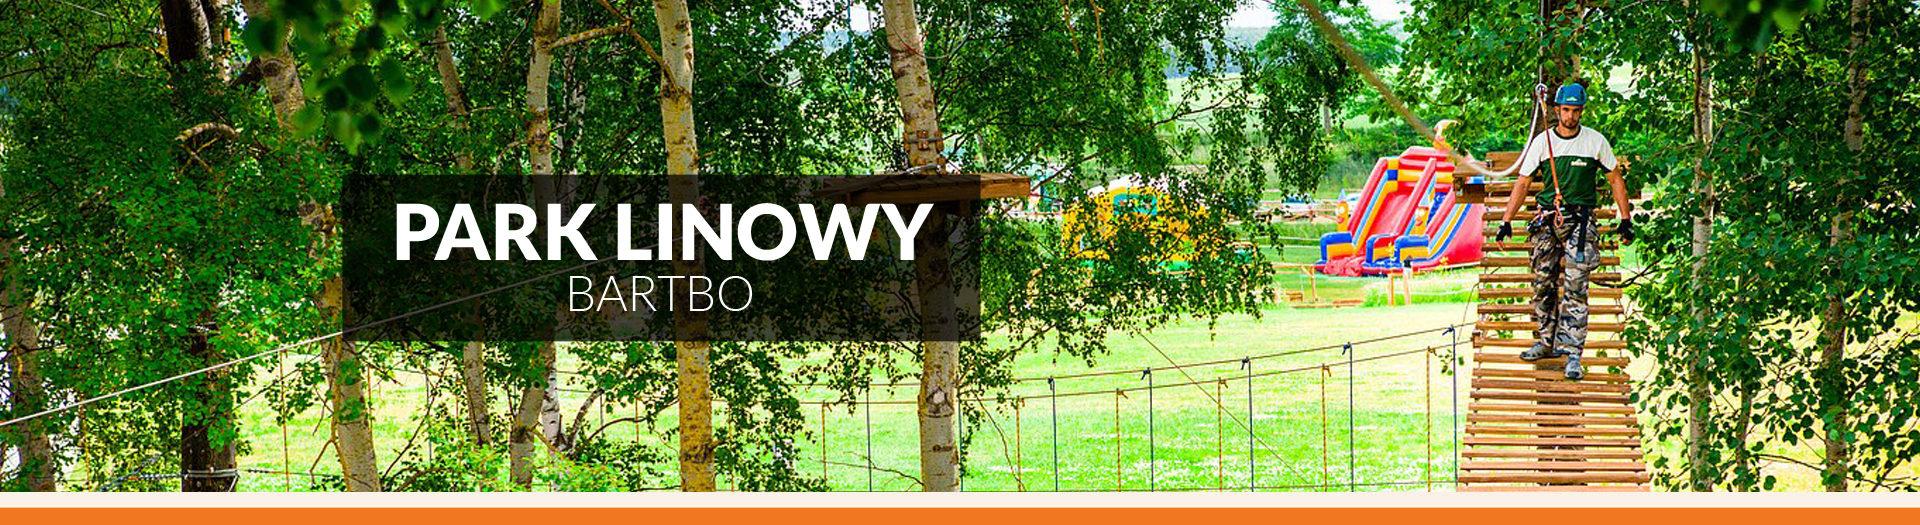 Park Linowy Bartbo